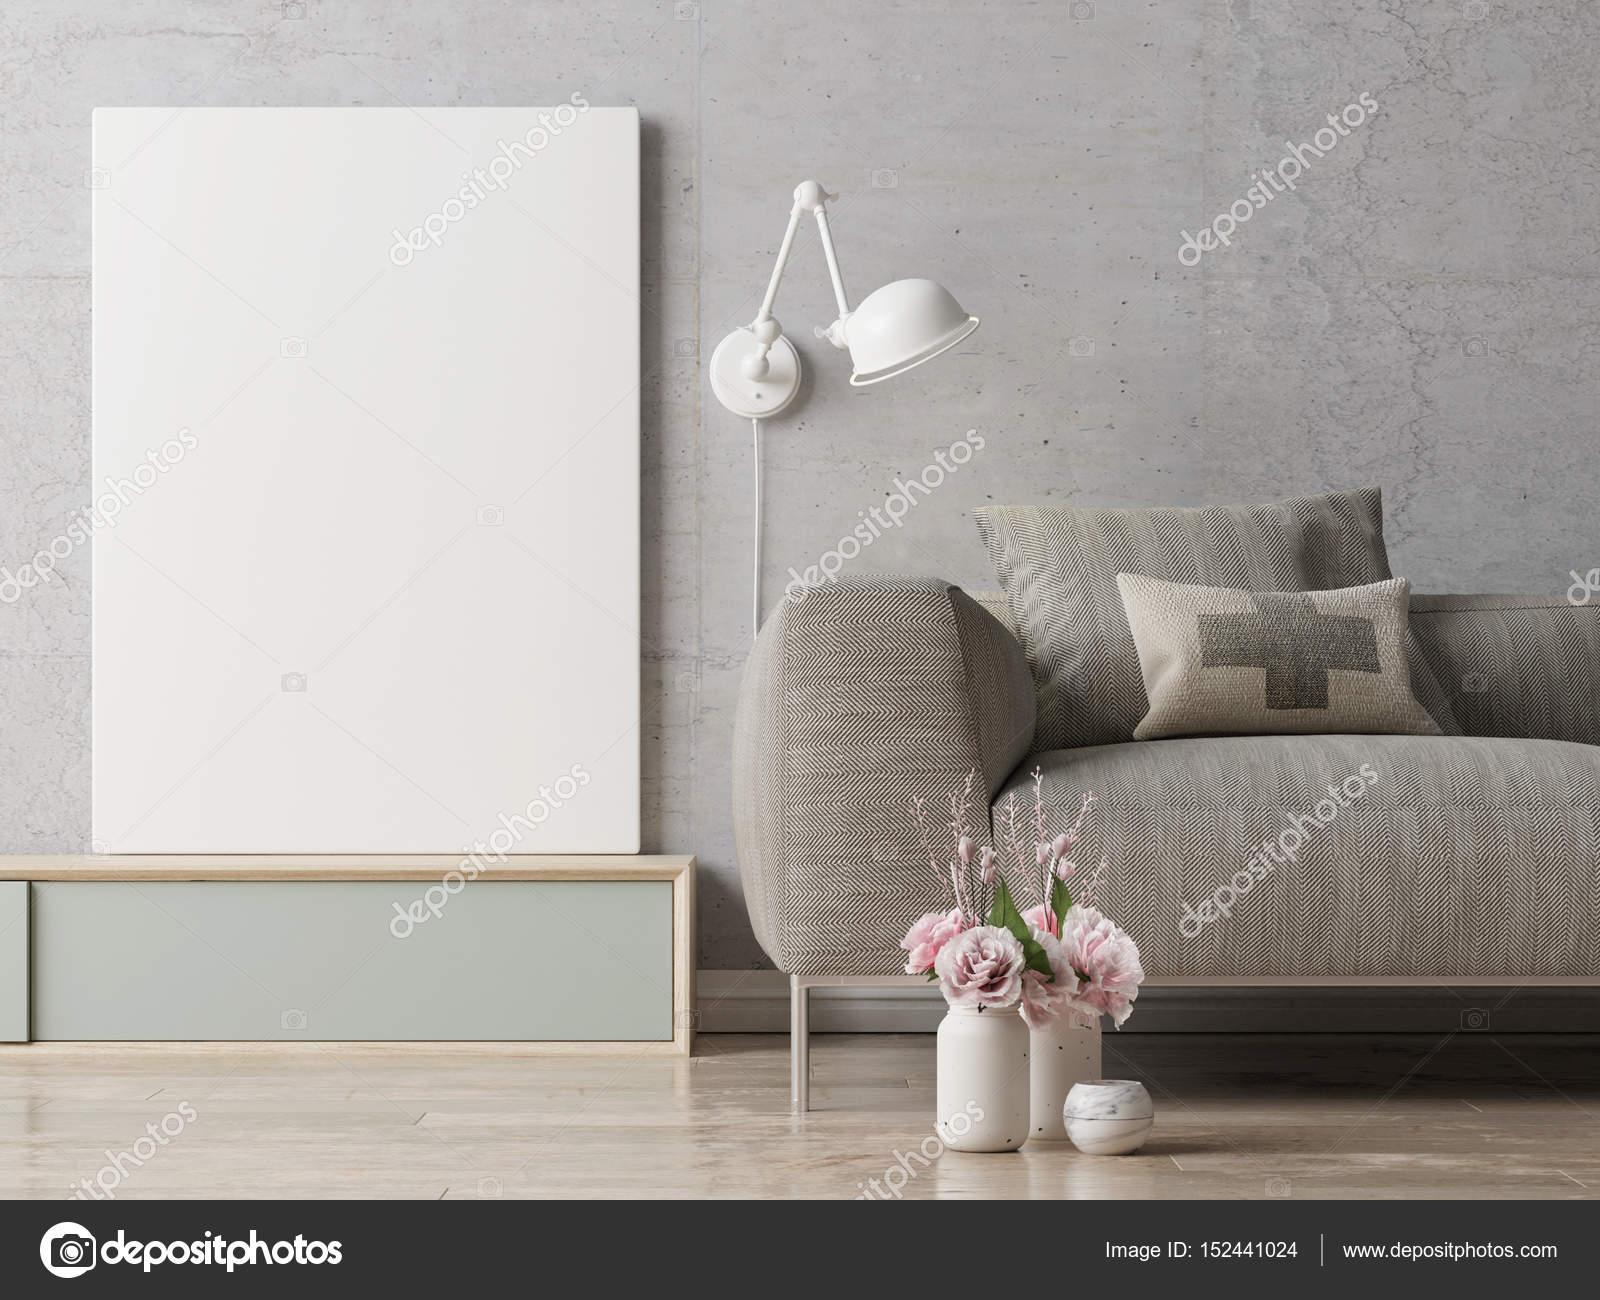 Hochwertig Plakat Auf Hipster Wohnzimmer Hintergrund Hautnah U2014 Stockfoto